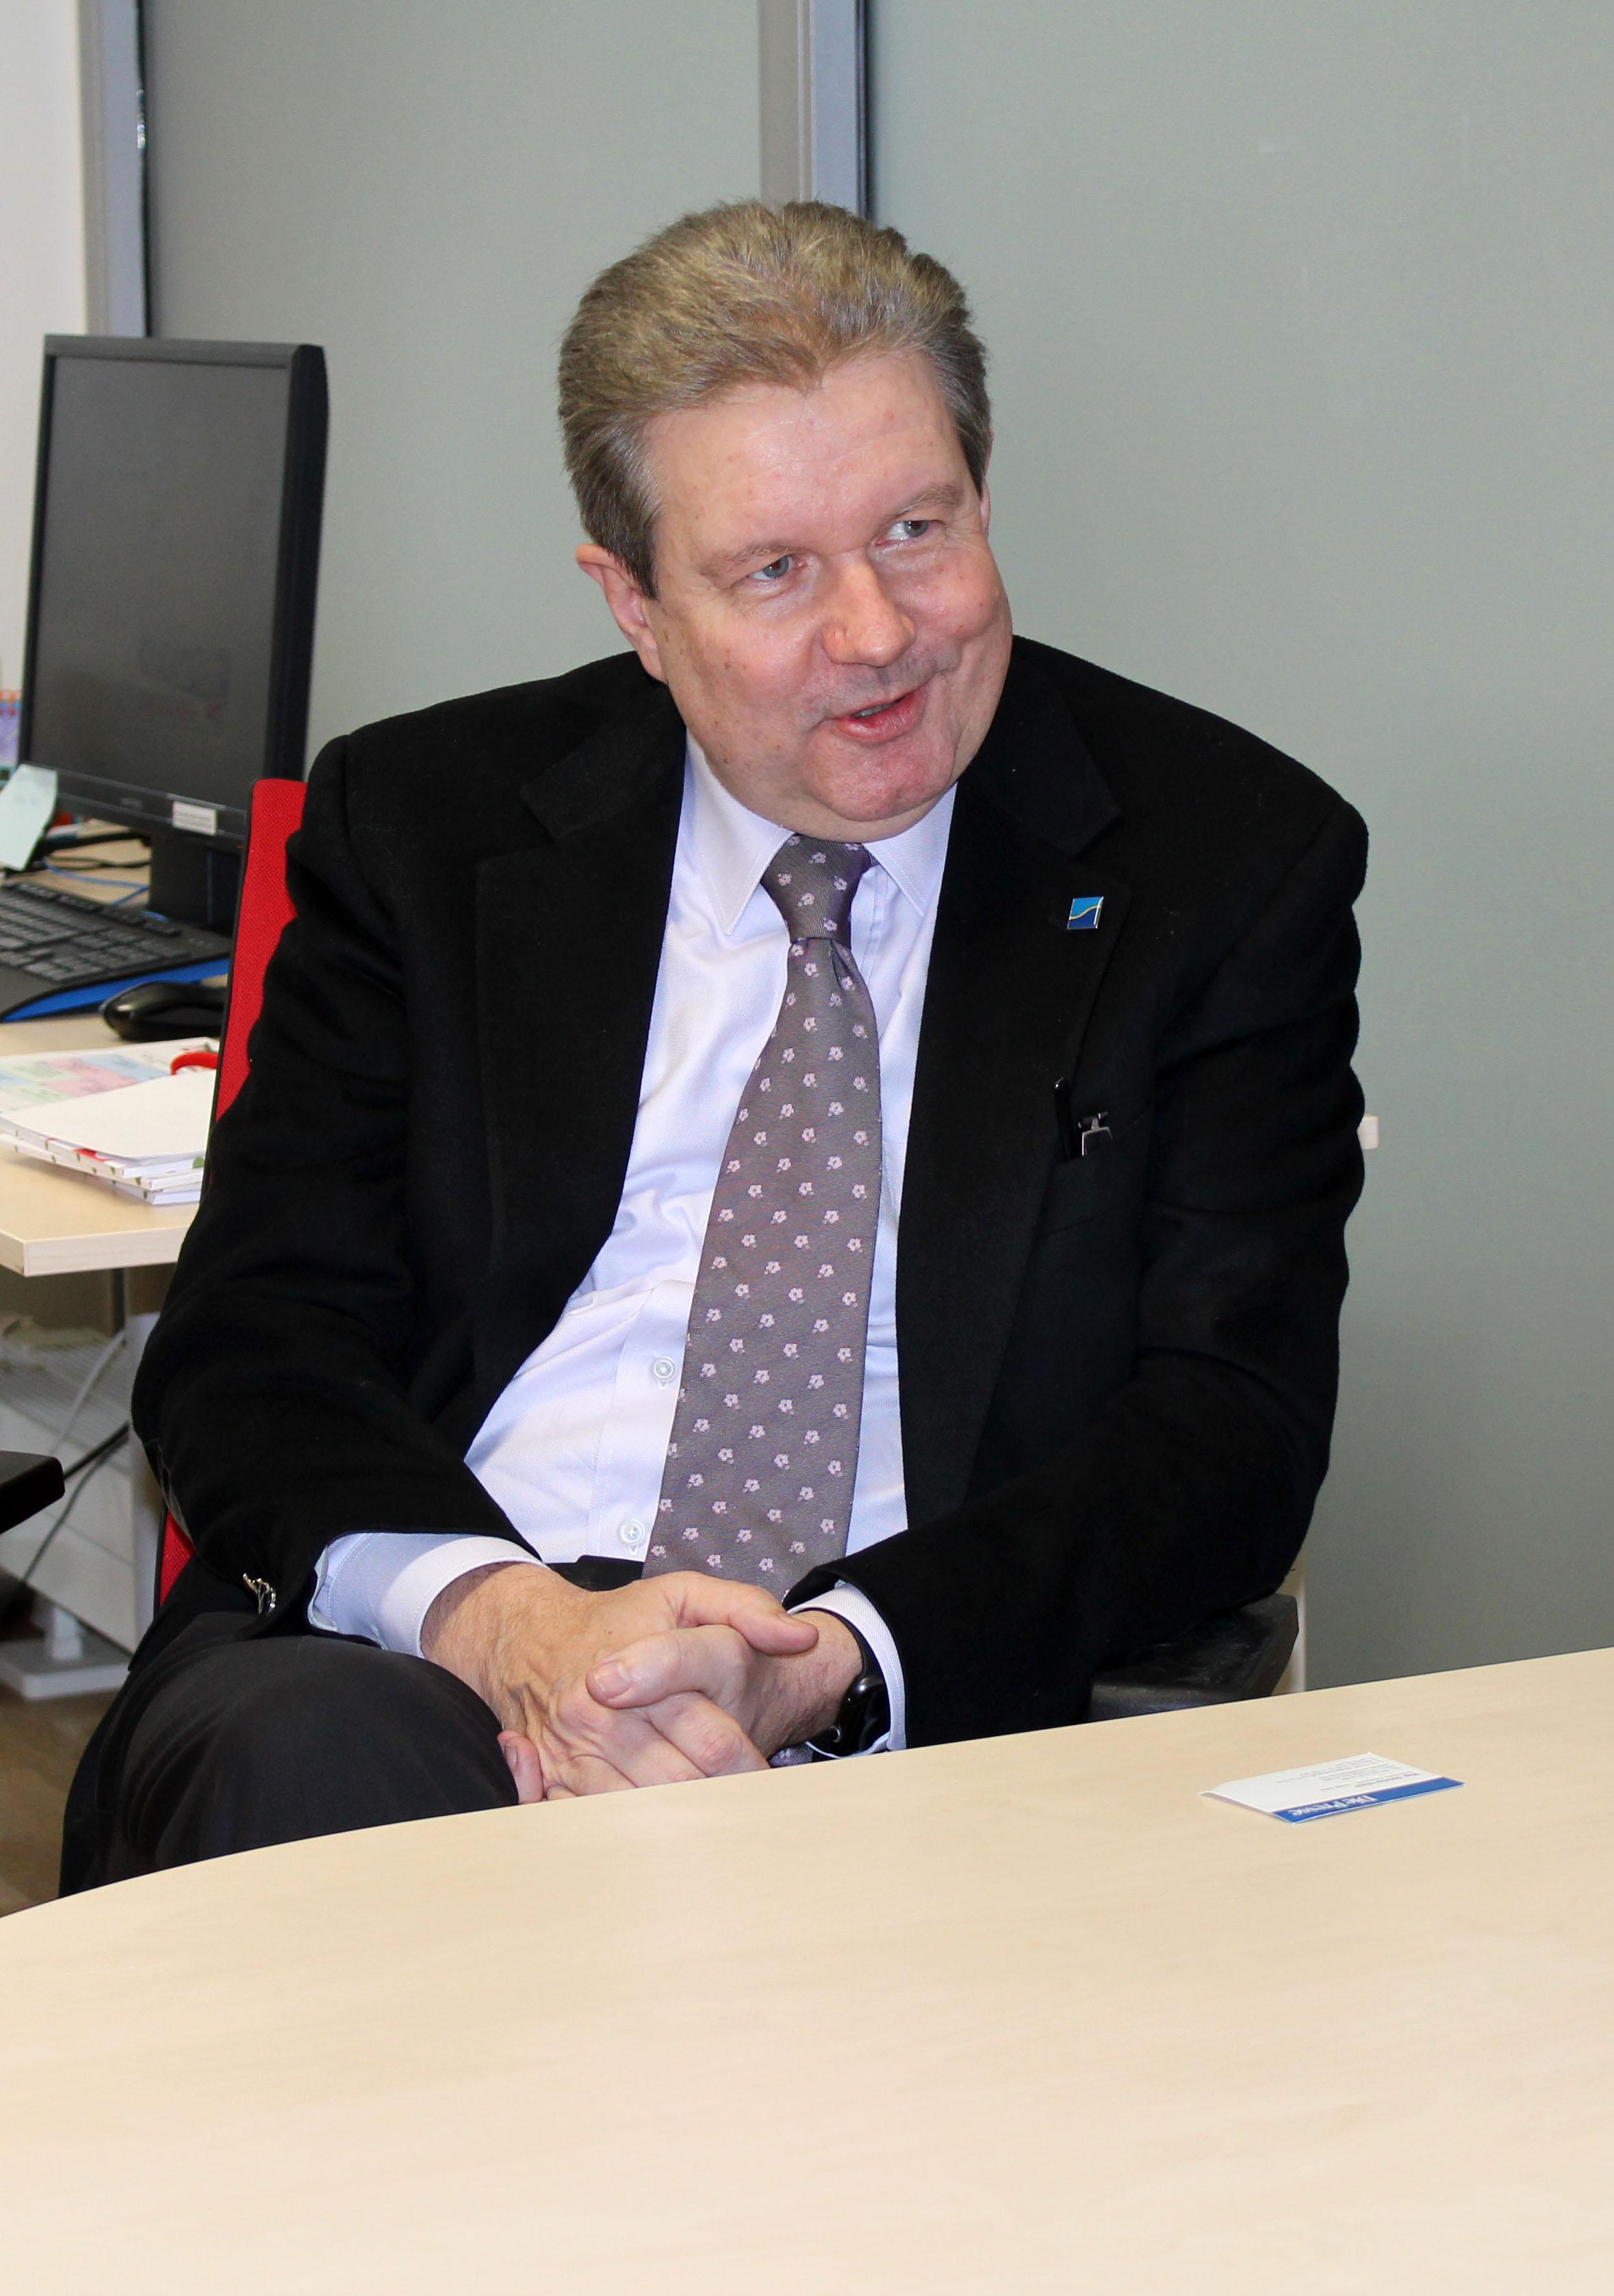 Dr. Peter Harold